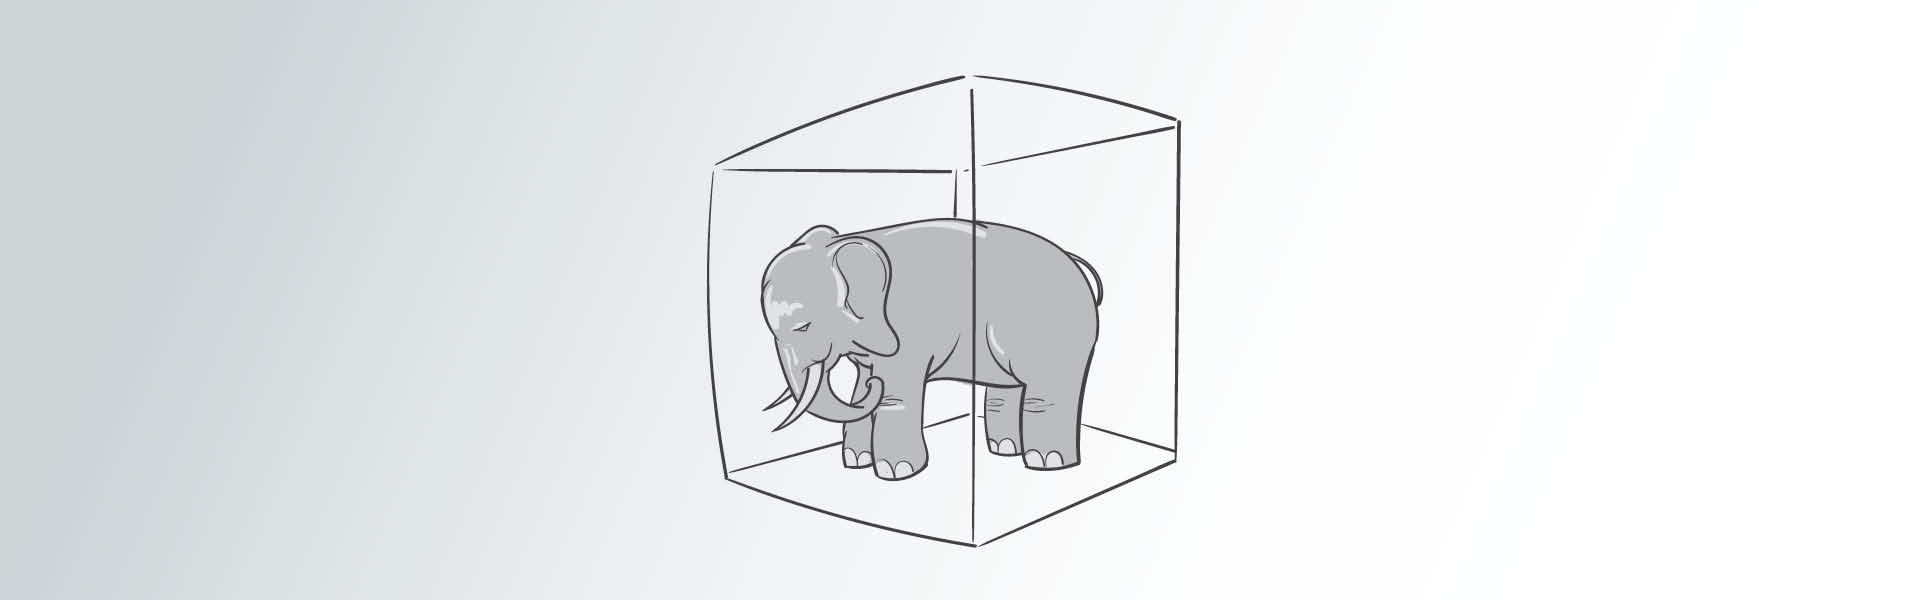 Webgrafik_elefanten i rummet